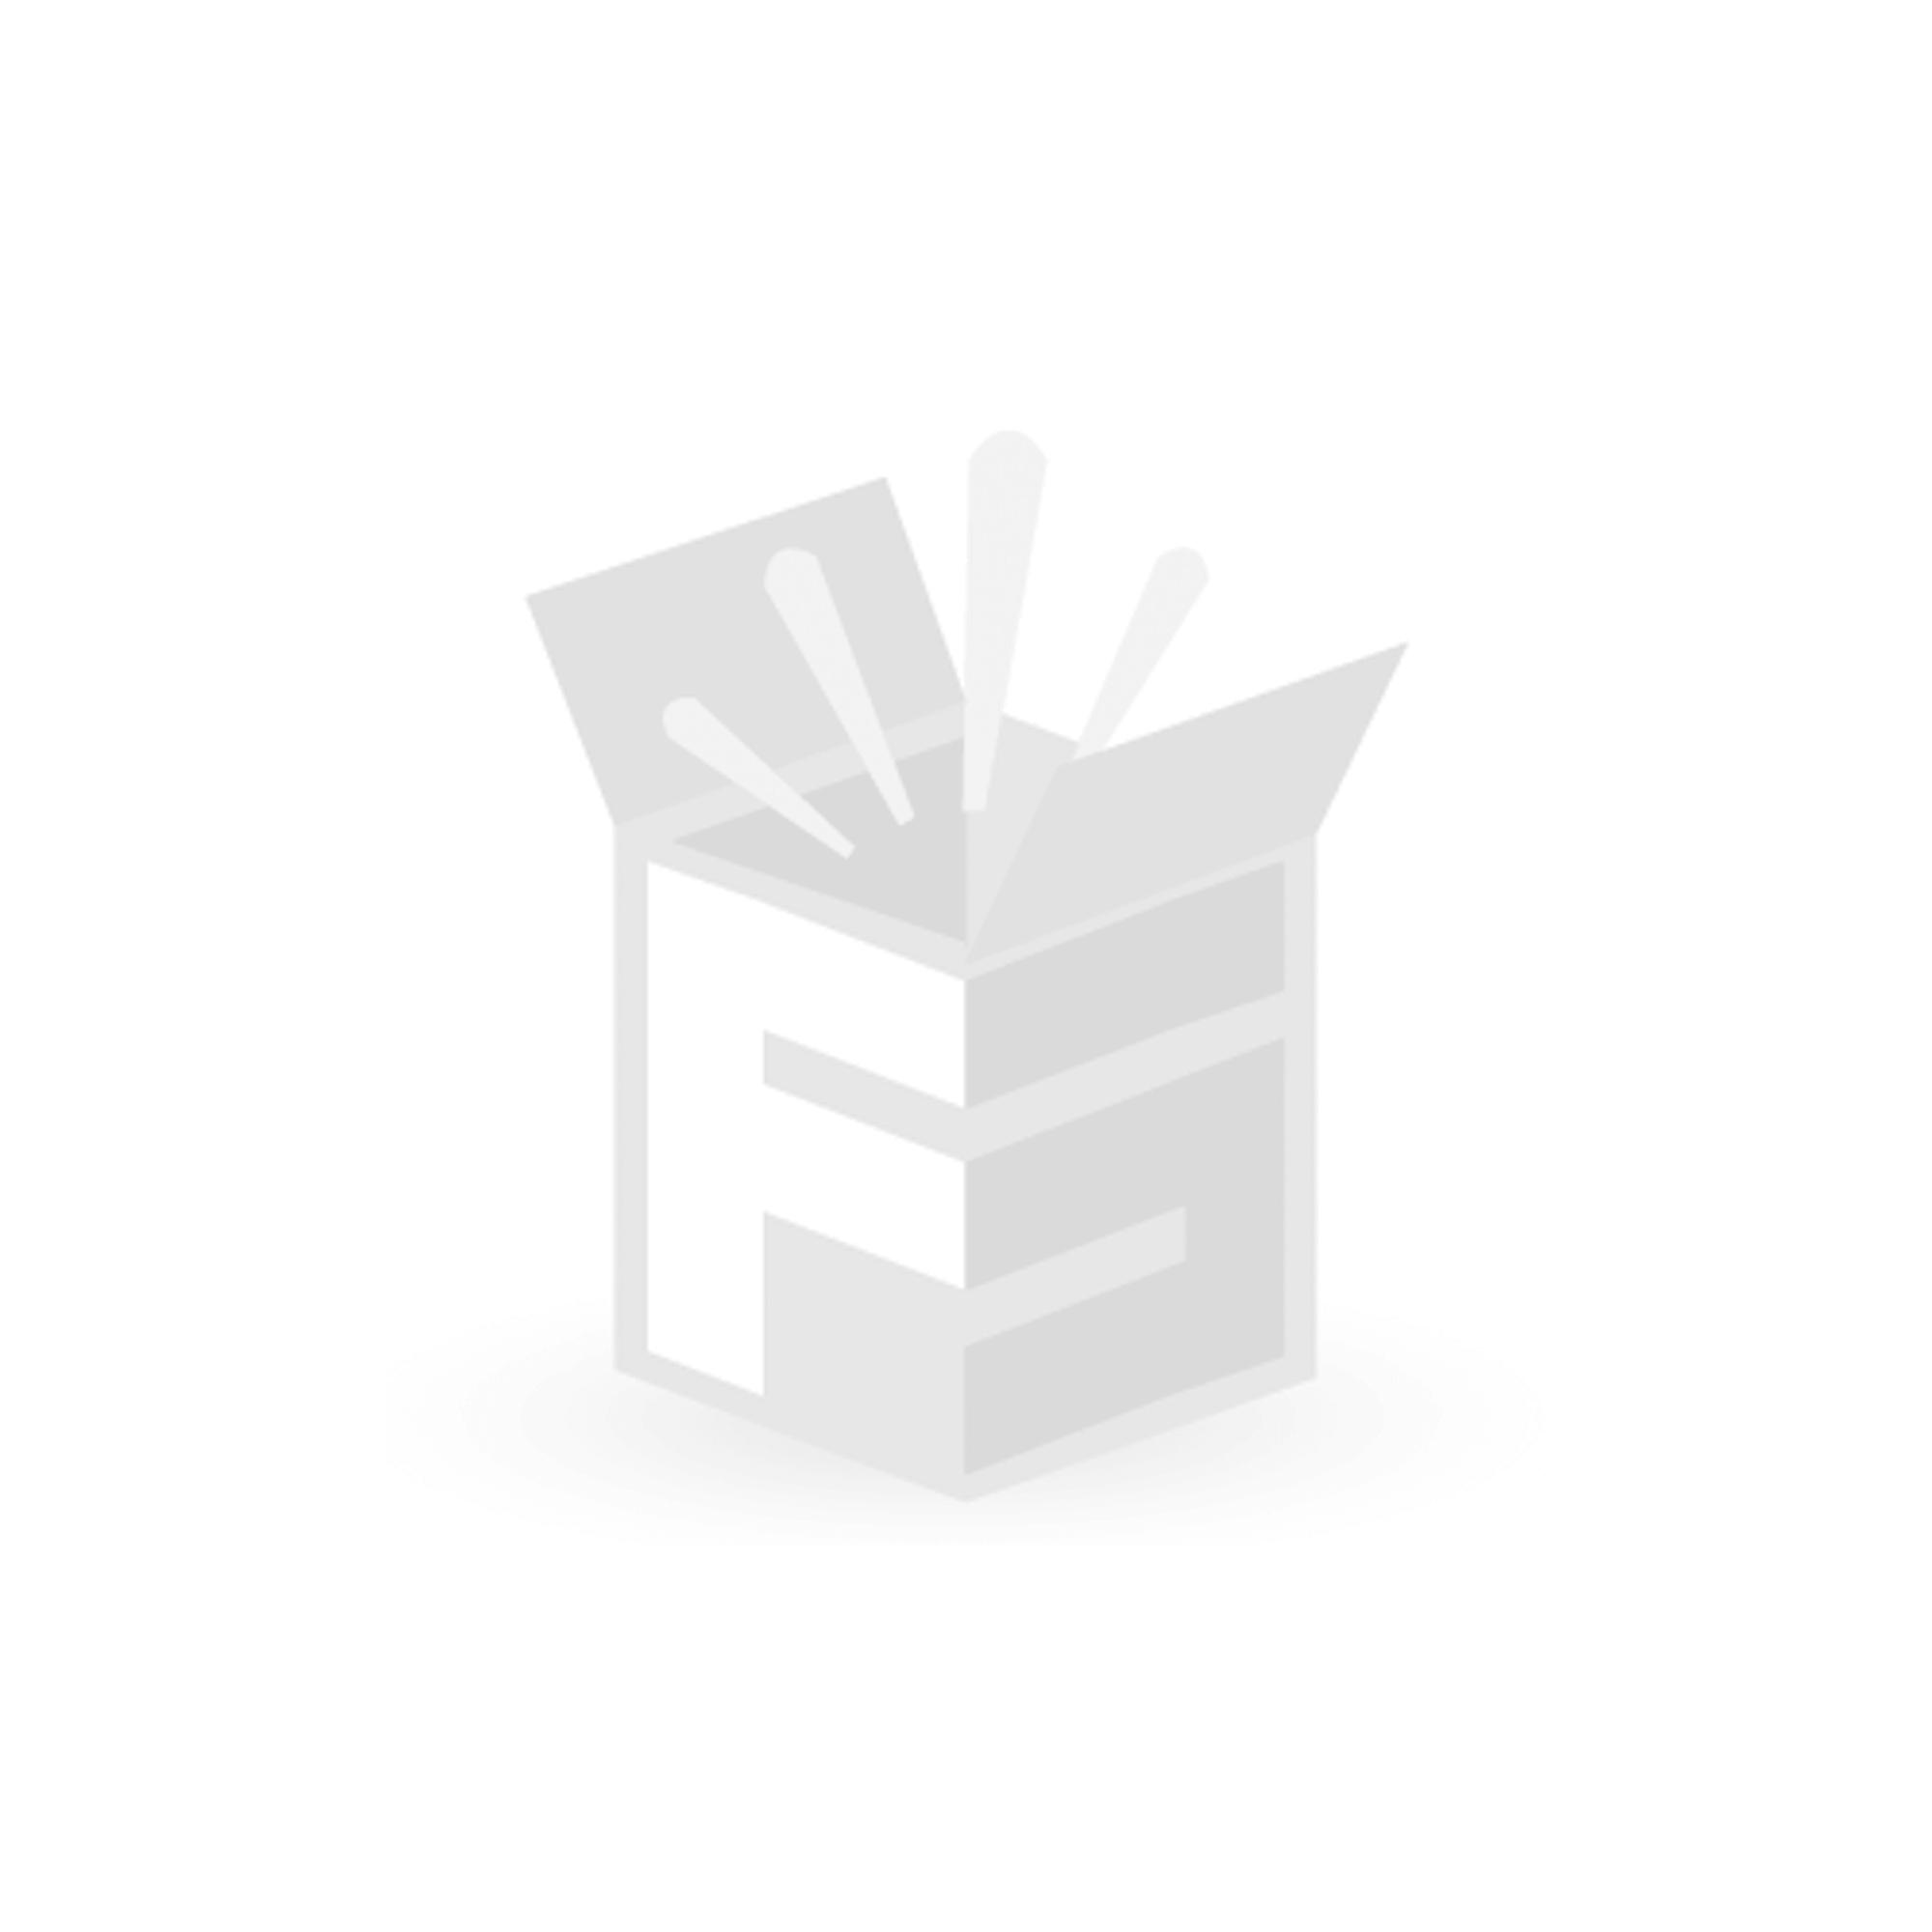 FS-STAR Eponges magiques blanches 3 pièces